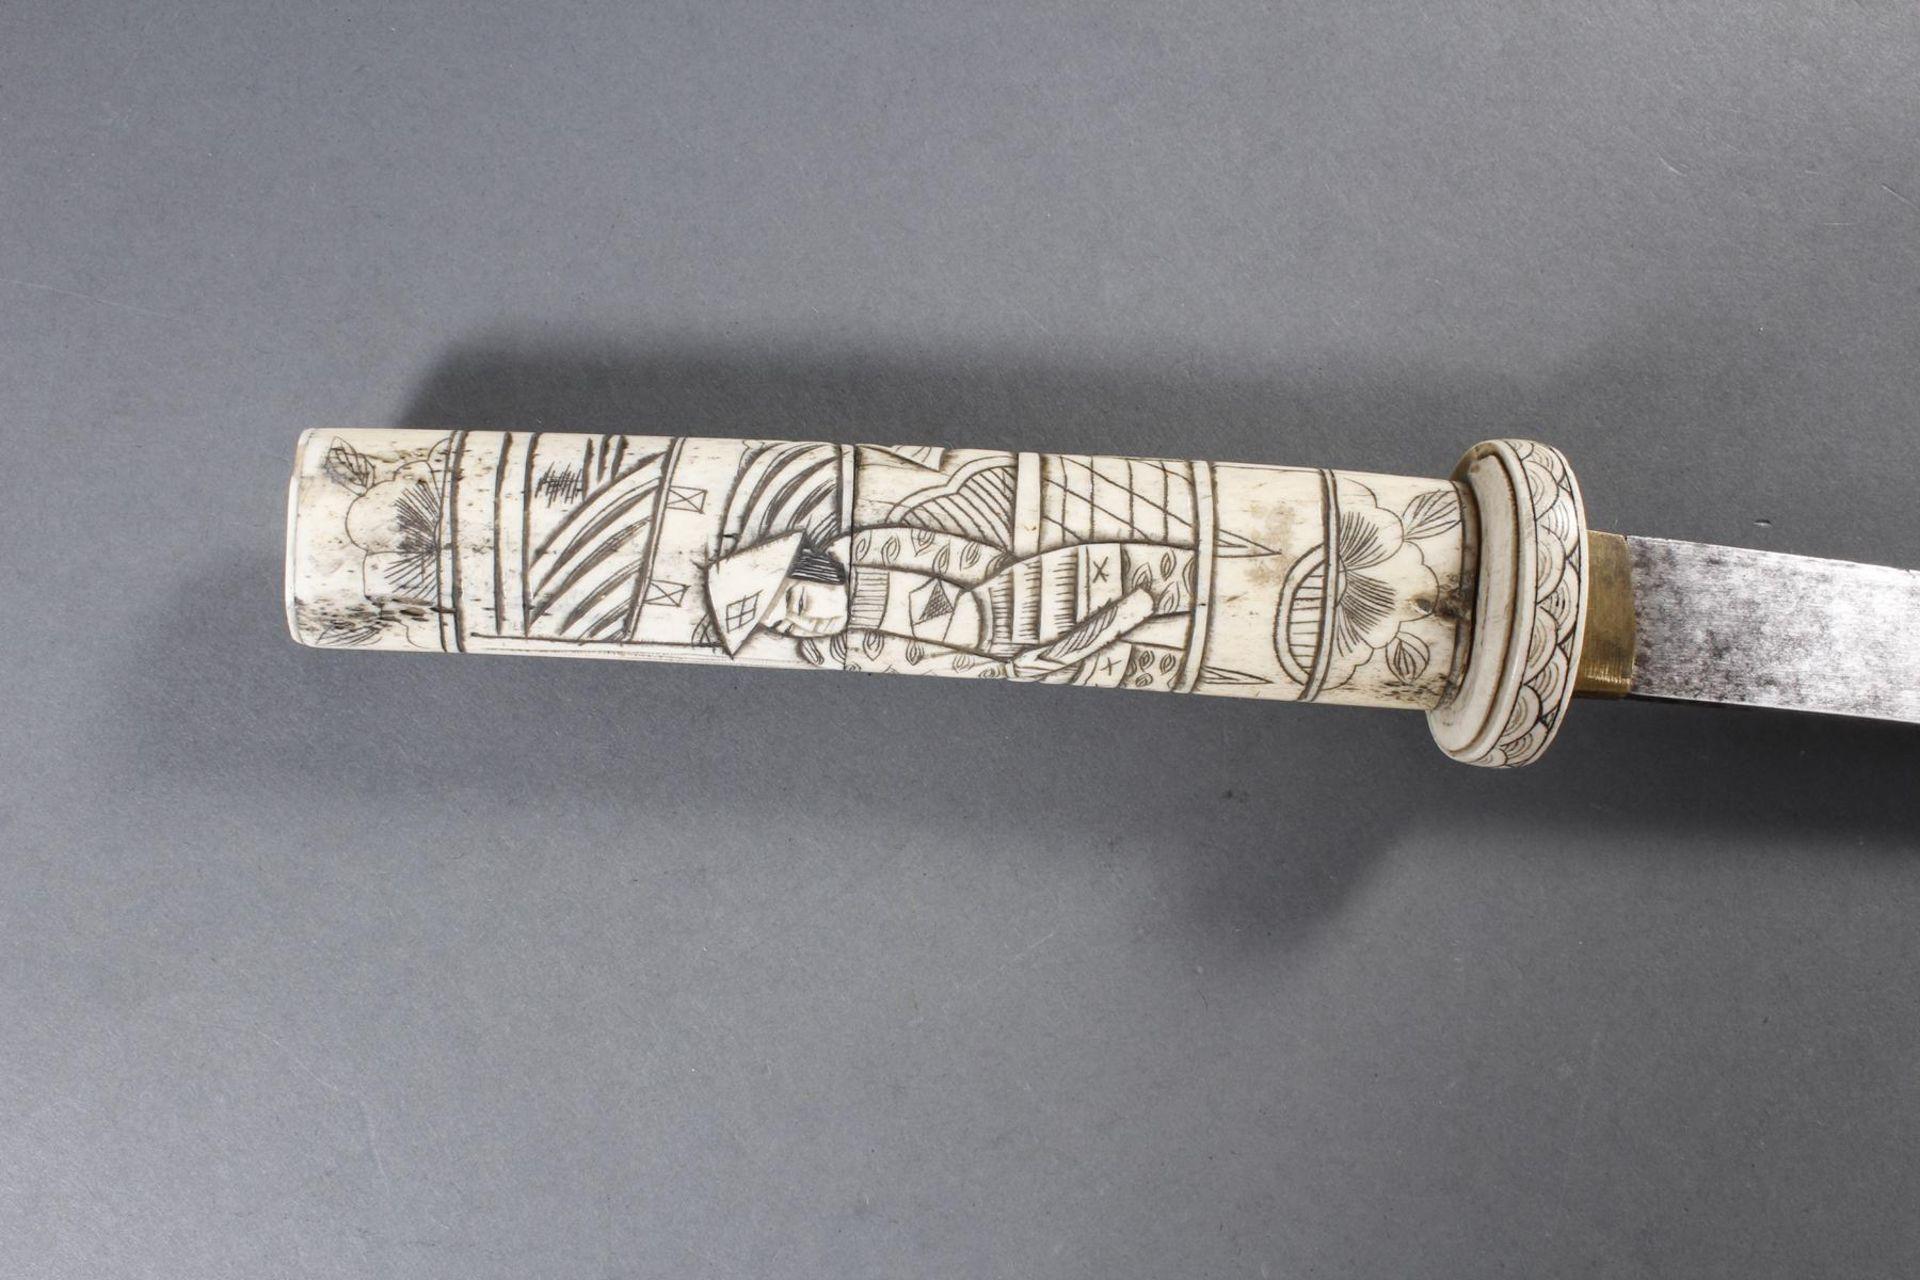 Kurzschwert aus Hirschhorn, Japan Meiji Periode - Bild 7 aus 12